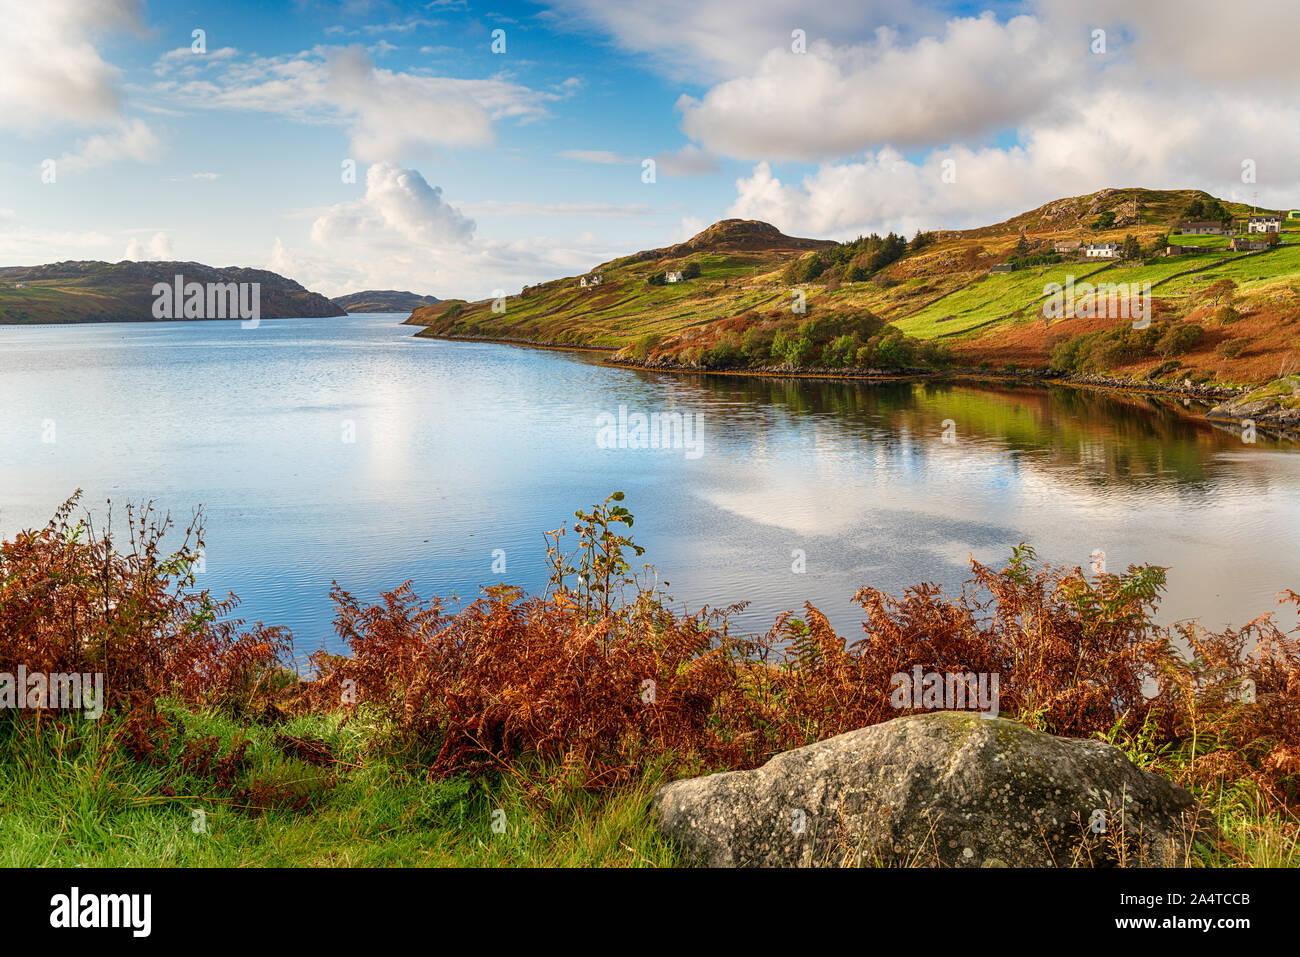 Autunm a Loch Inchard a Kinlochbervie nelle Highlands della Scozia Foto Stock